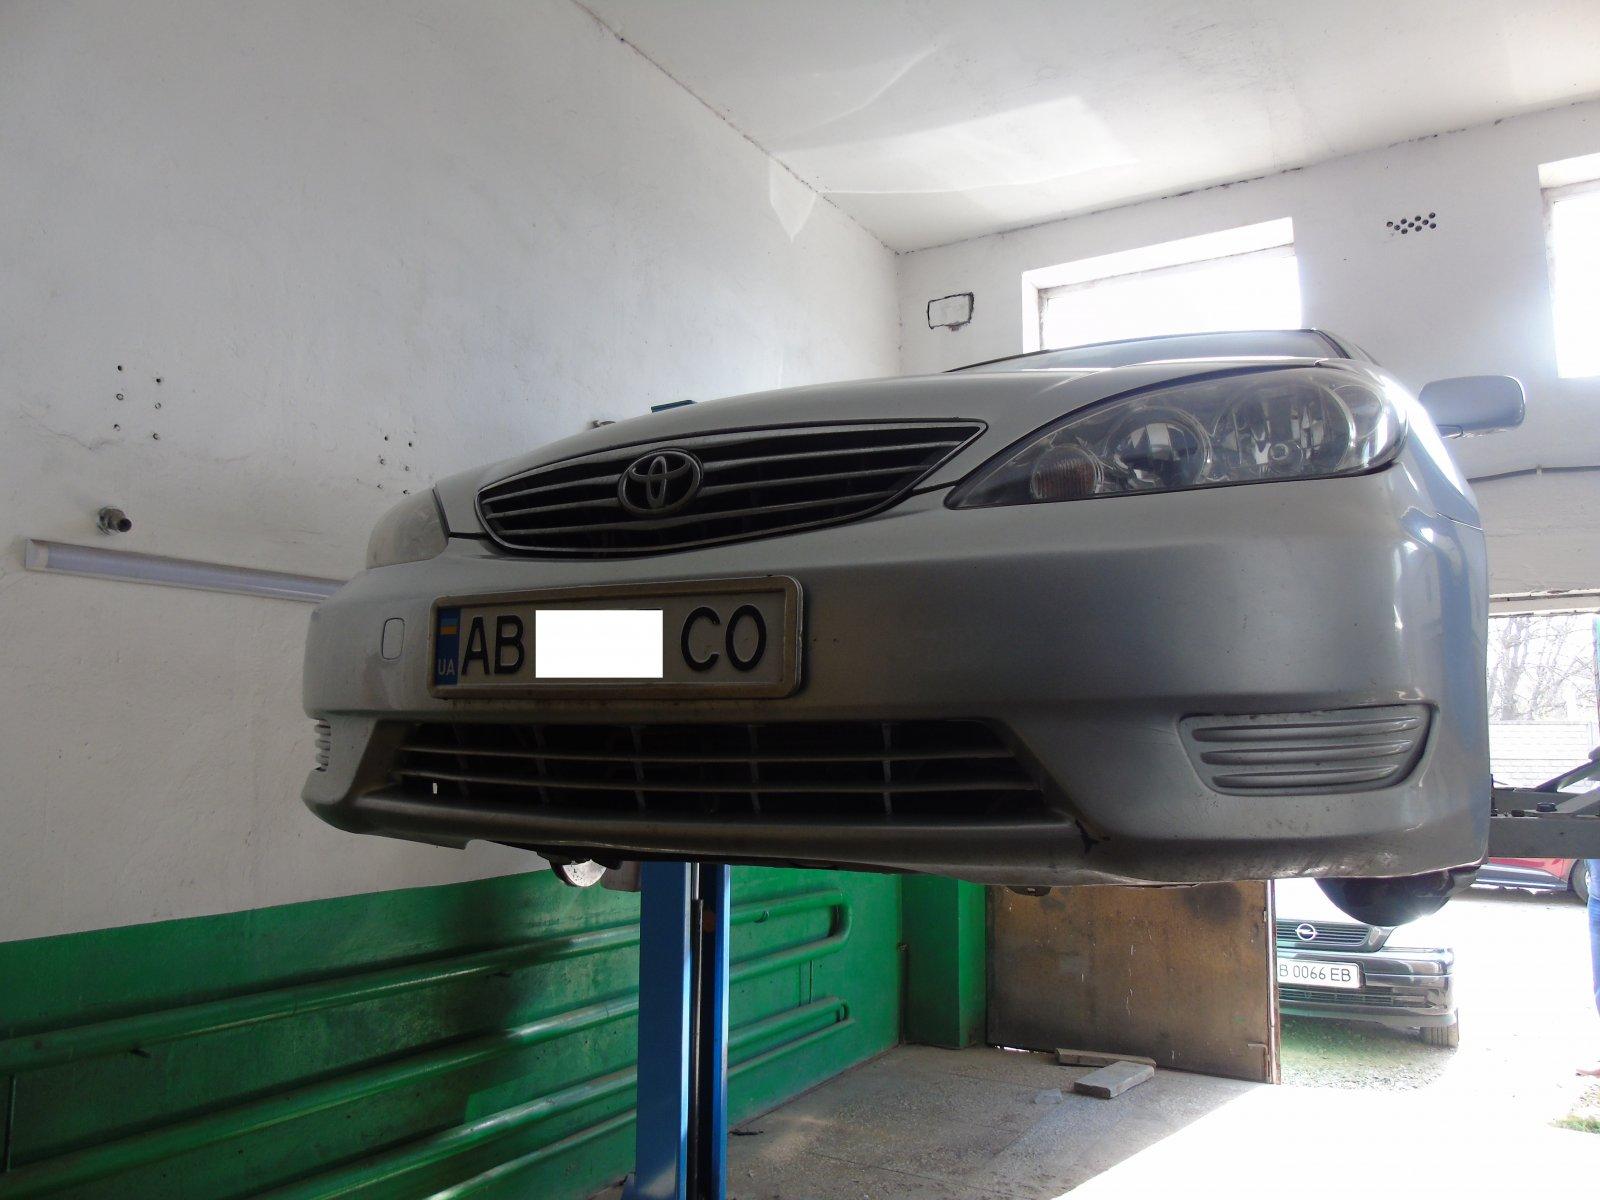 Доброго дня))). Сьогодні відновили підвіску Toyota Camry V30 ( сайлентблоки передніх важелів задні). Фото ДО та ПІСЛЯ.